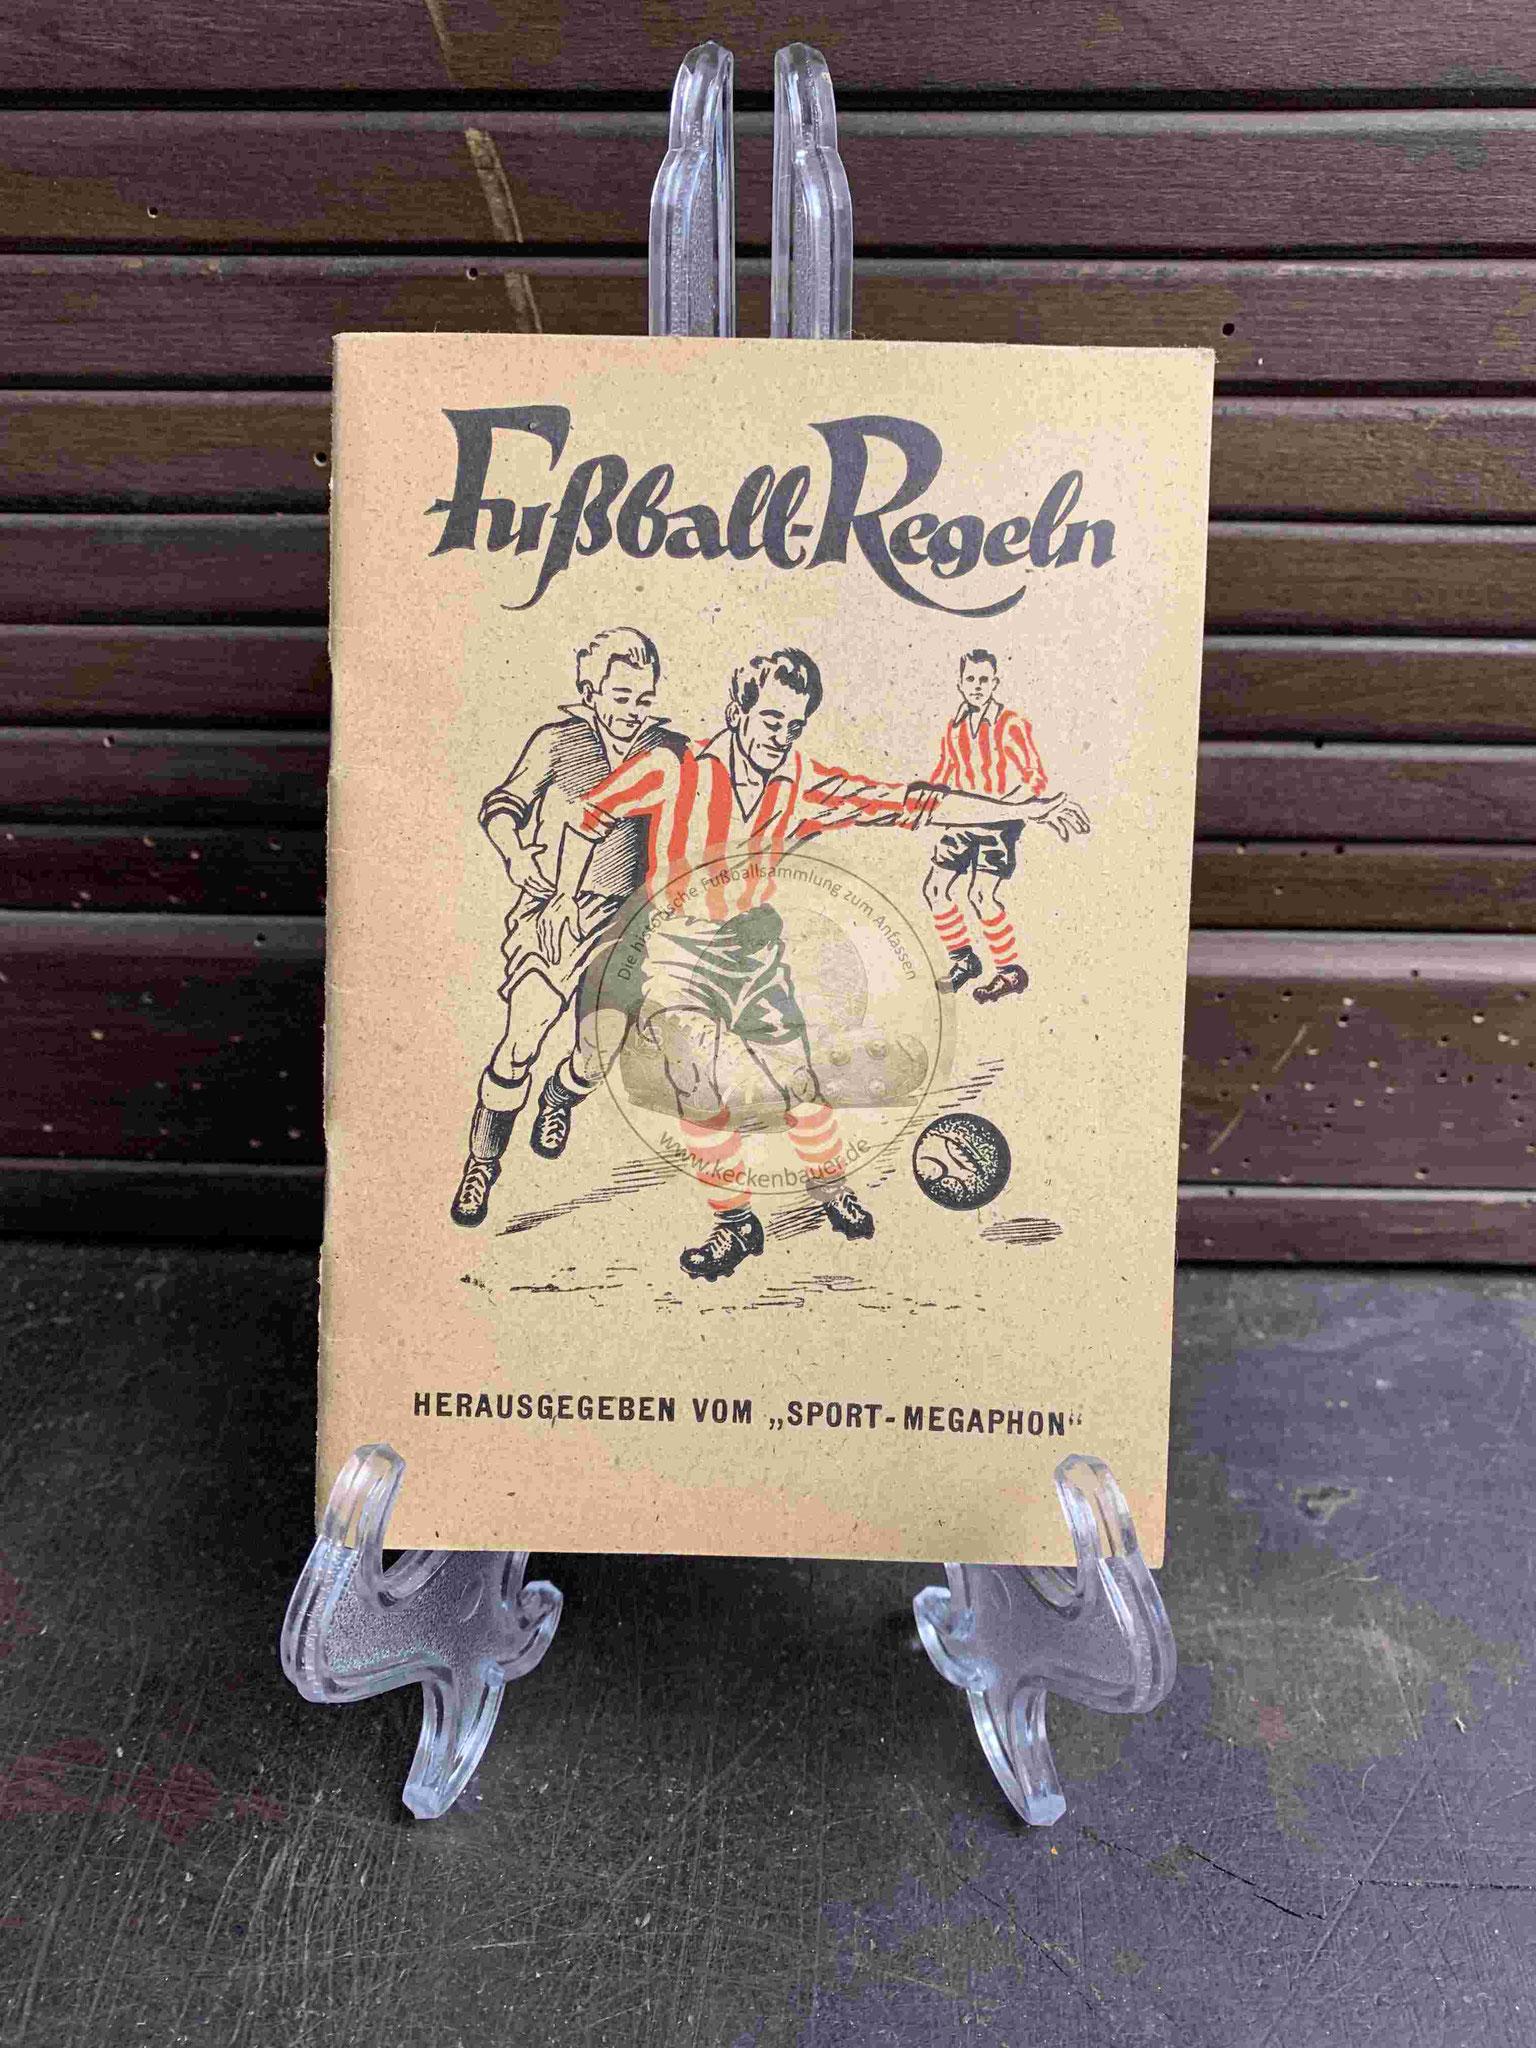 """Fußball-Regeln Herausgegeben vom """"Sport-Megaphon"""" aus den 1940er Jahren"""